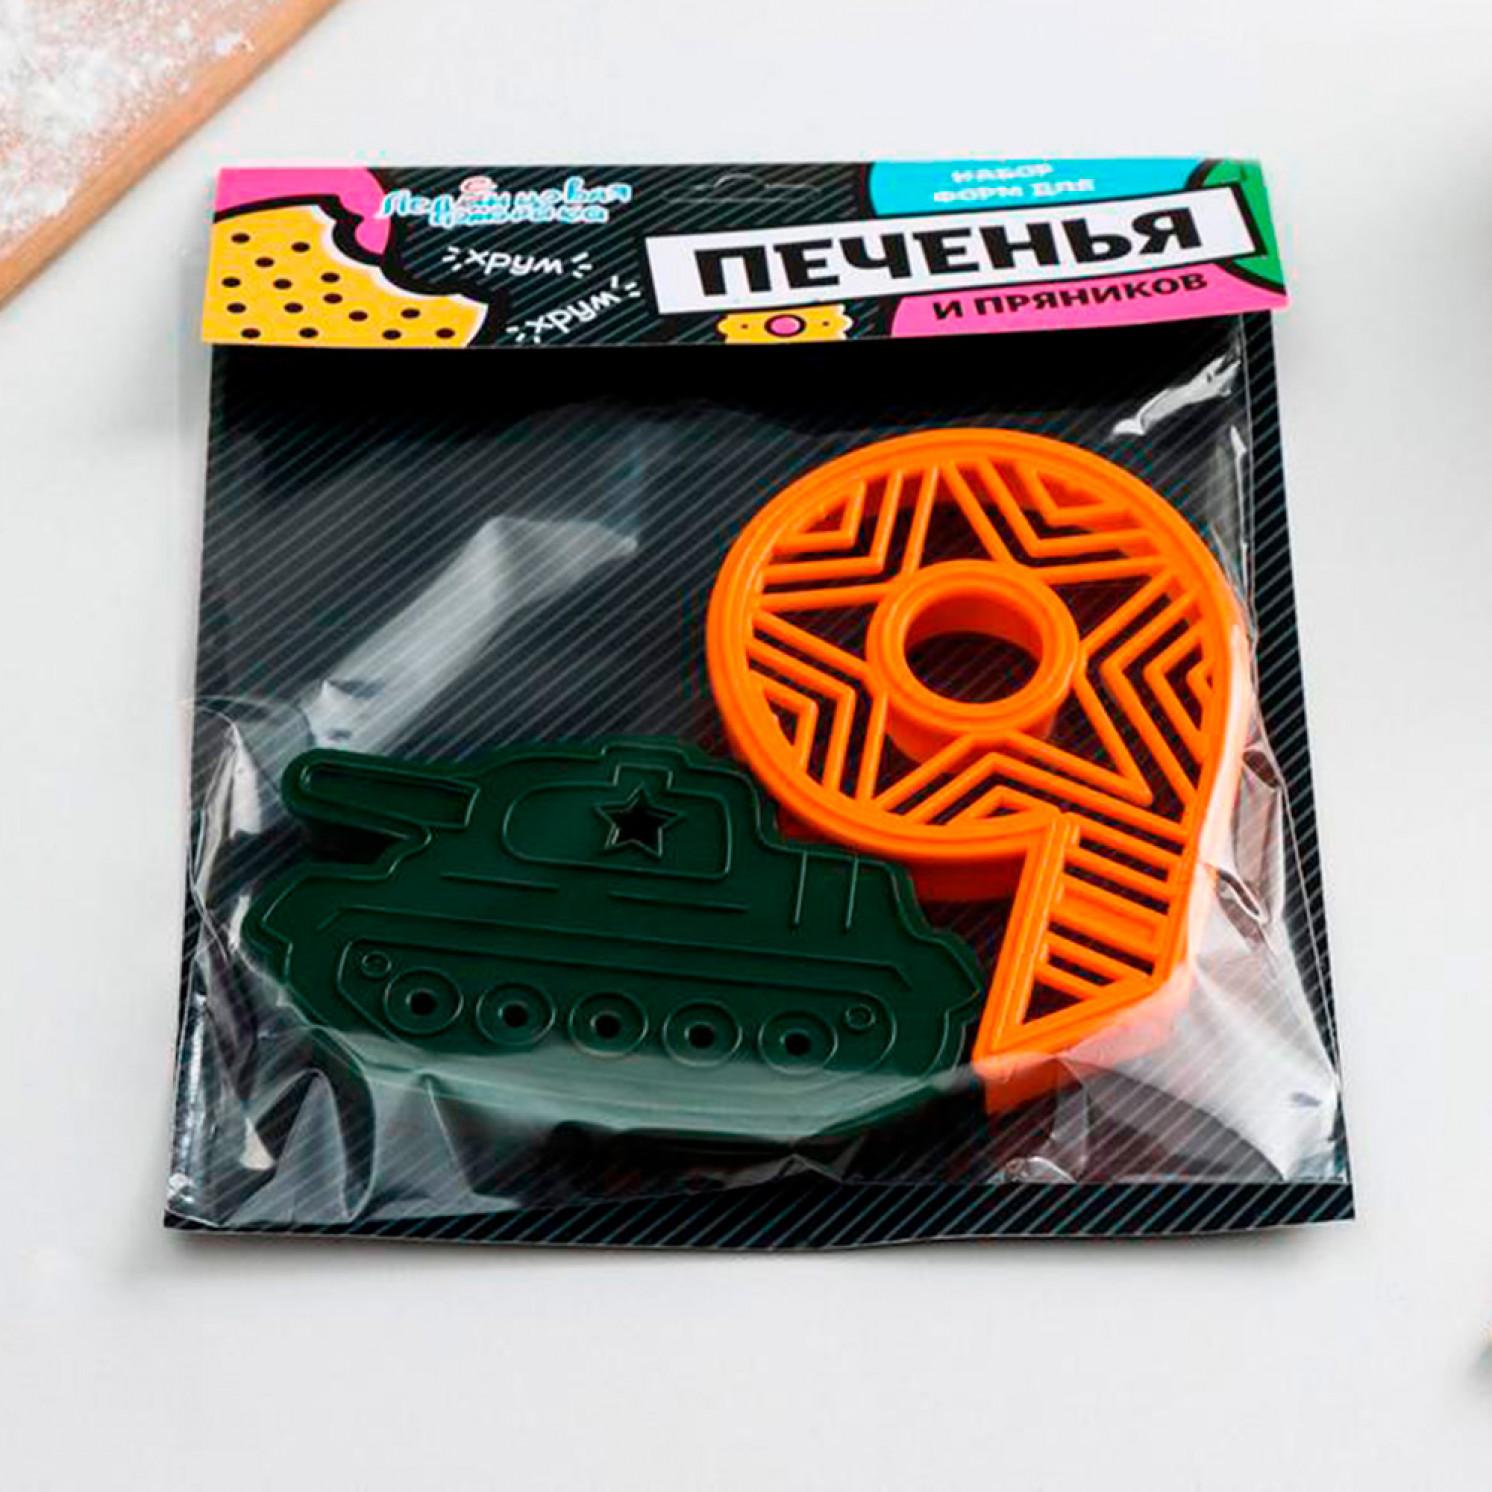 Набор форм для печенья и пряников «Девятка и Танк», 10,3×7,5×1,5 см, 10,5×6,5×1,5 см